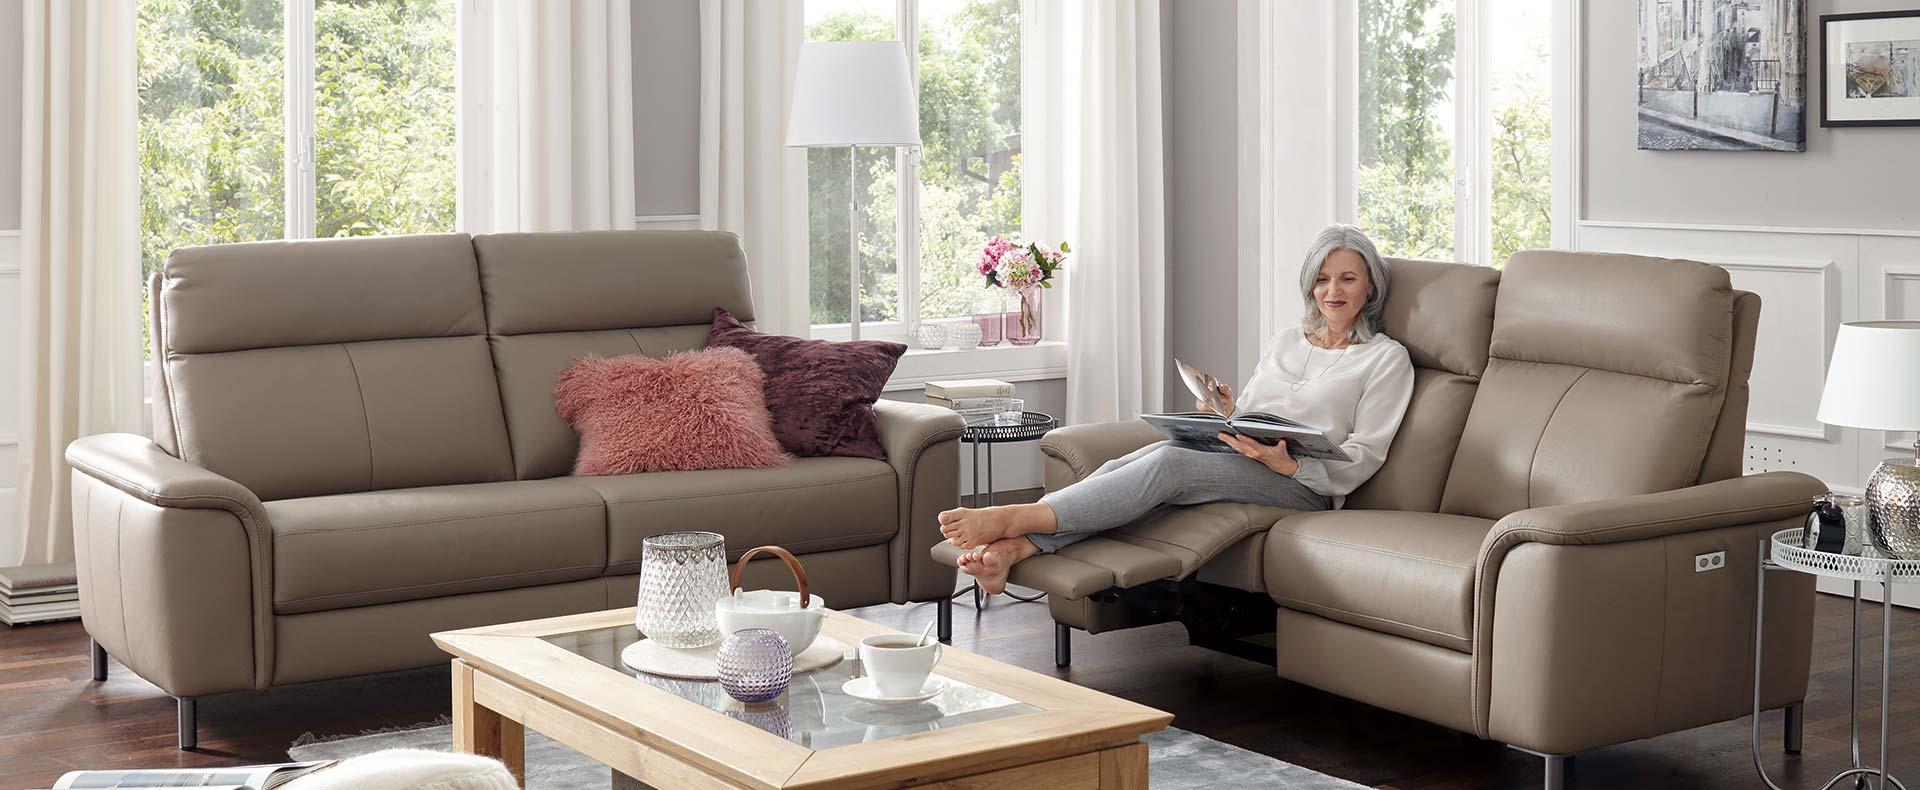 möbel klauth – möbel in tönisvorst nahe im raum krefeld